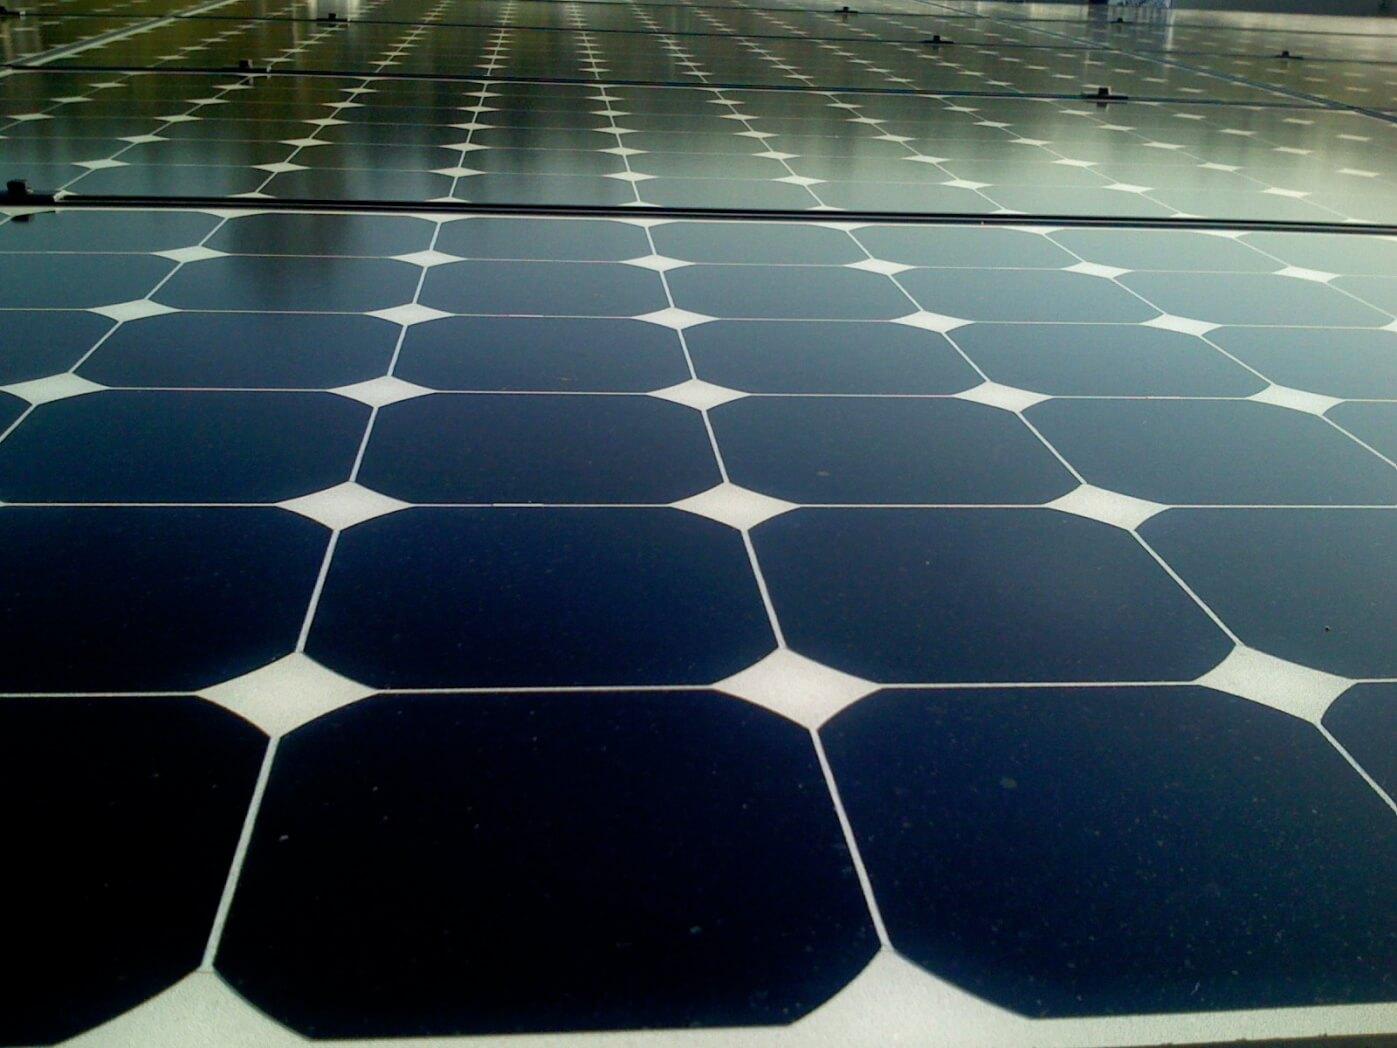 מקורות אנרגיה מתחדשים אינם יציבים ומספיק שיהיה יום מעונן בשביל להאט את ייצור החשמל מאנרגיית שמש. צילום: Jeremy Levine, flickr